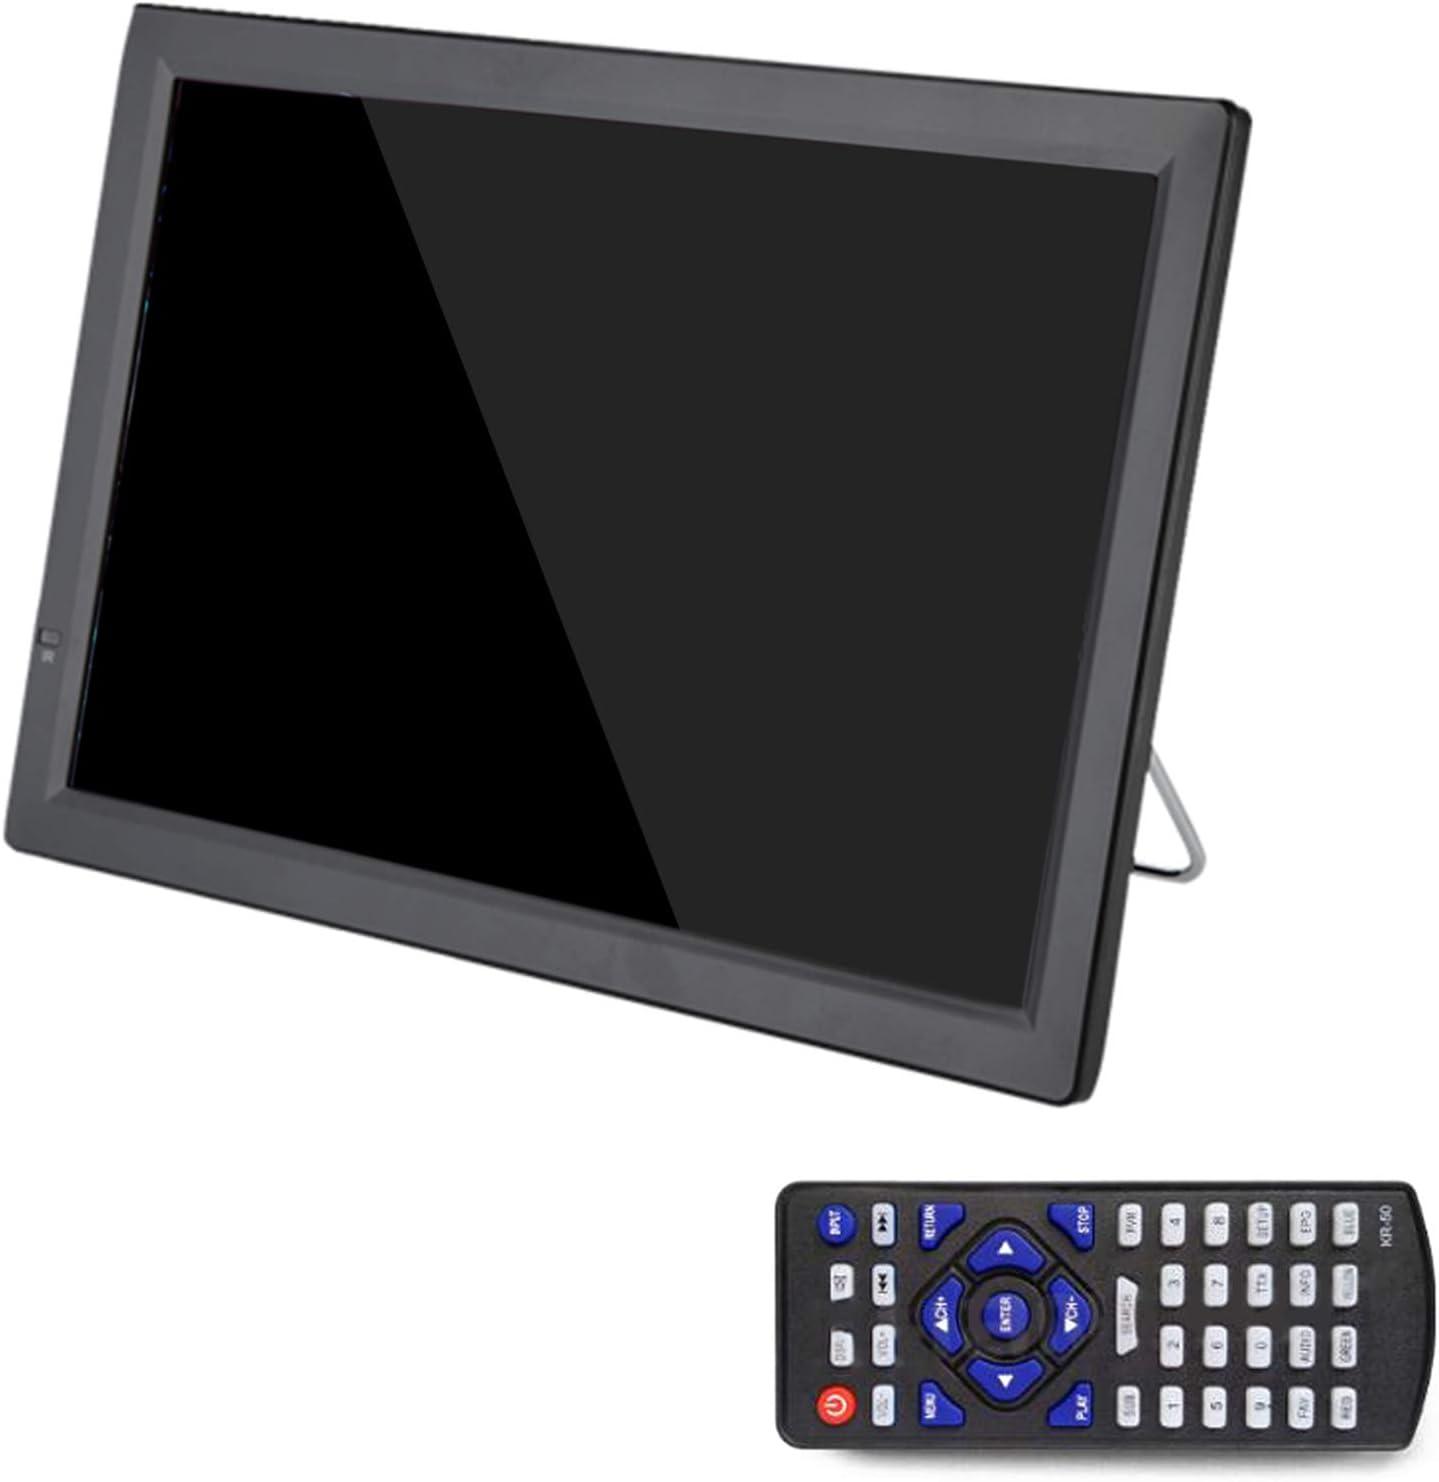 Adanse D14 TV PortáTil HD de 14 Pulgadas DVB-T2 ATSC TelevisióN AnalóGica Digital TV Peque?A para Coche Soporte MP4 AC3 Monitor HDMI para PS4 (Enchufe de la UE): Amazon.es: Electrónica